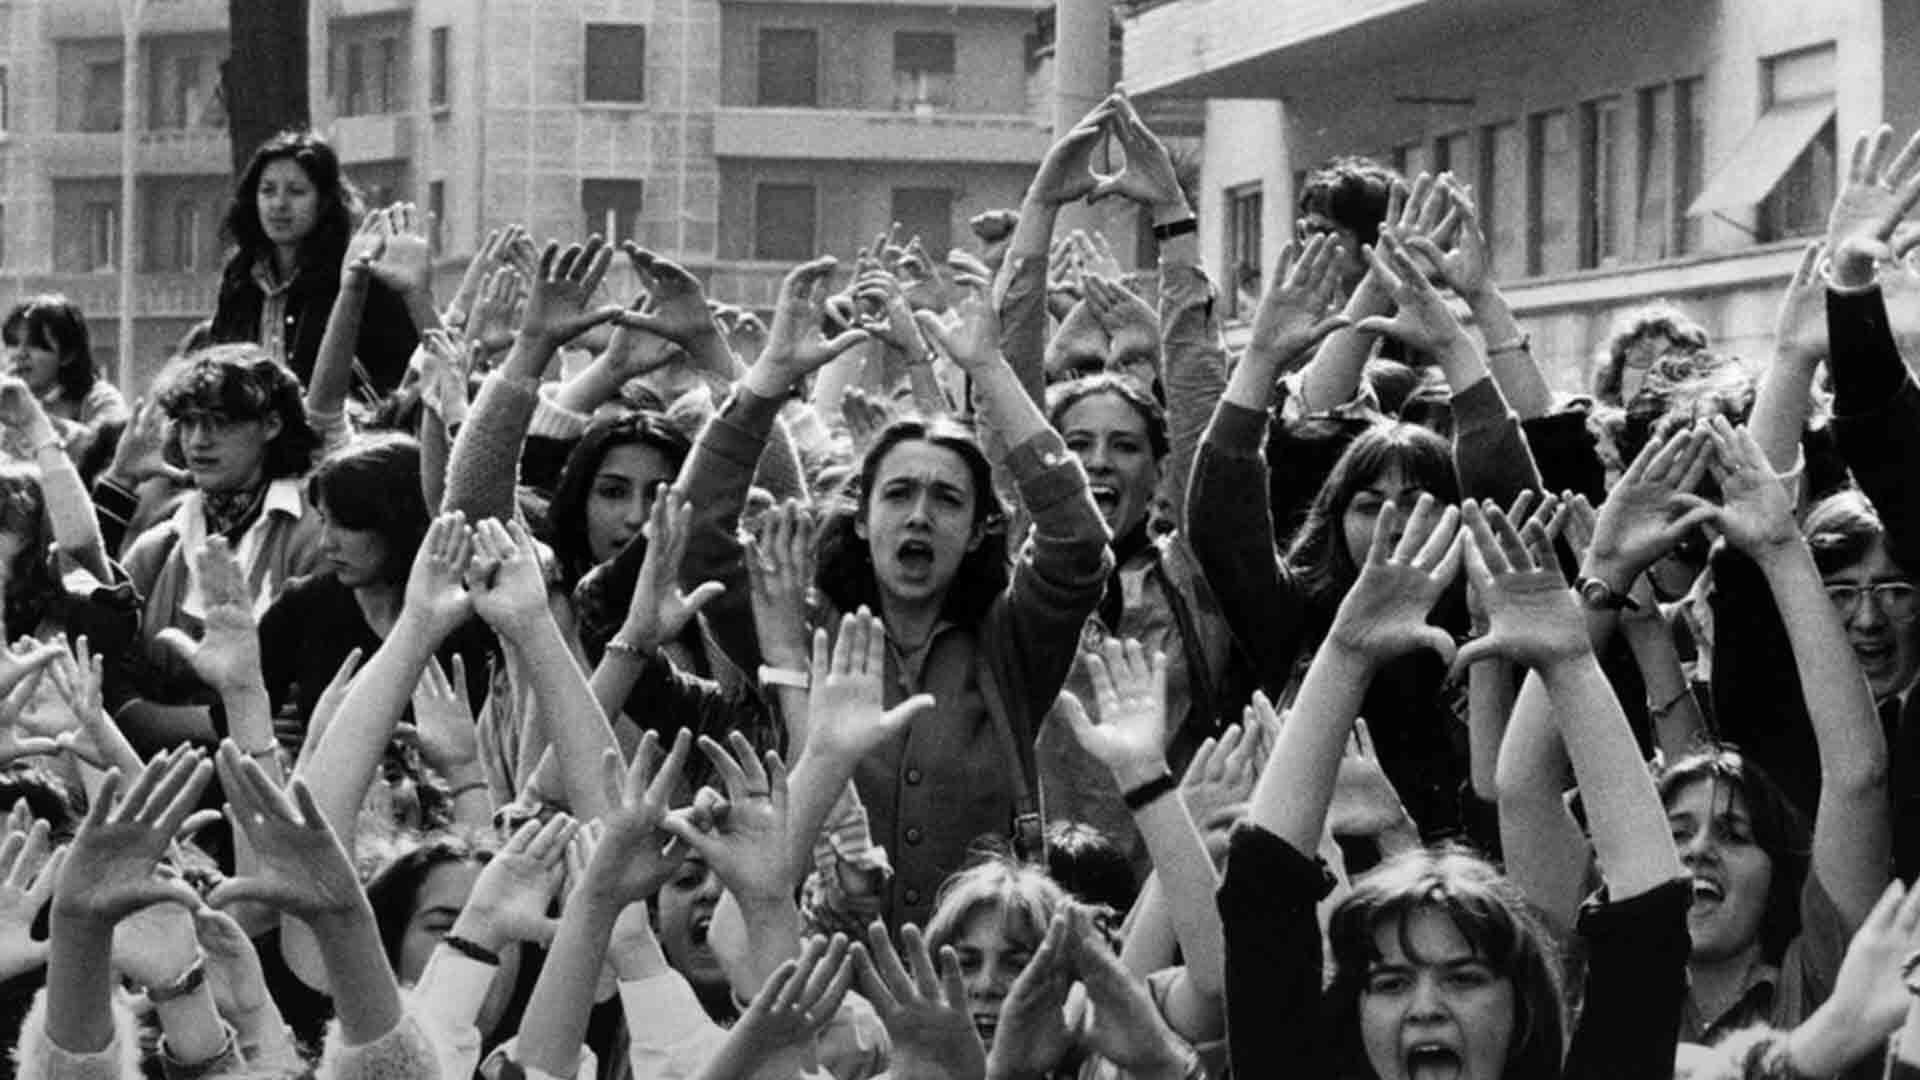 I contraccettivi in Italia sono legali solo da 50 anni